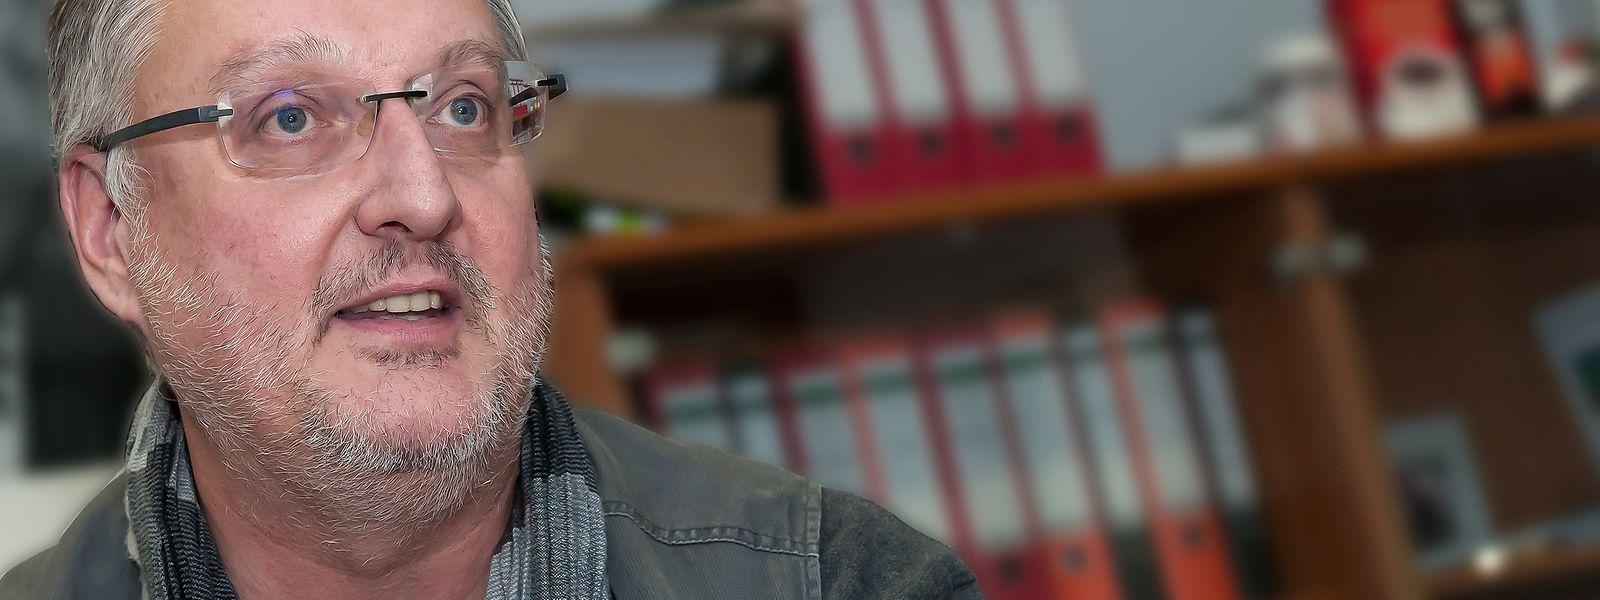 Inspection du travail et des Mines (ITM) in Strassen. Interview mit dem Direktor der Gewerbeinspektion Marco Boly. (Foto: Alain Piron)